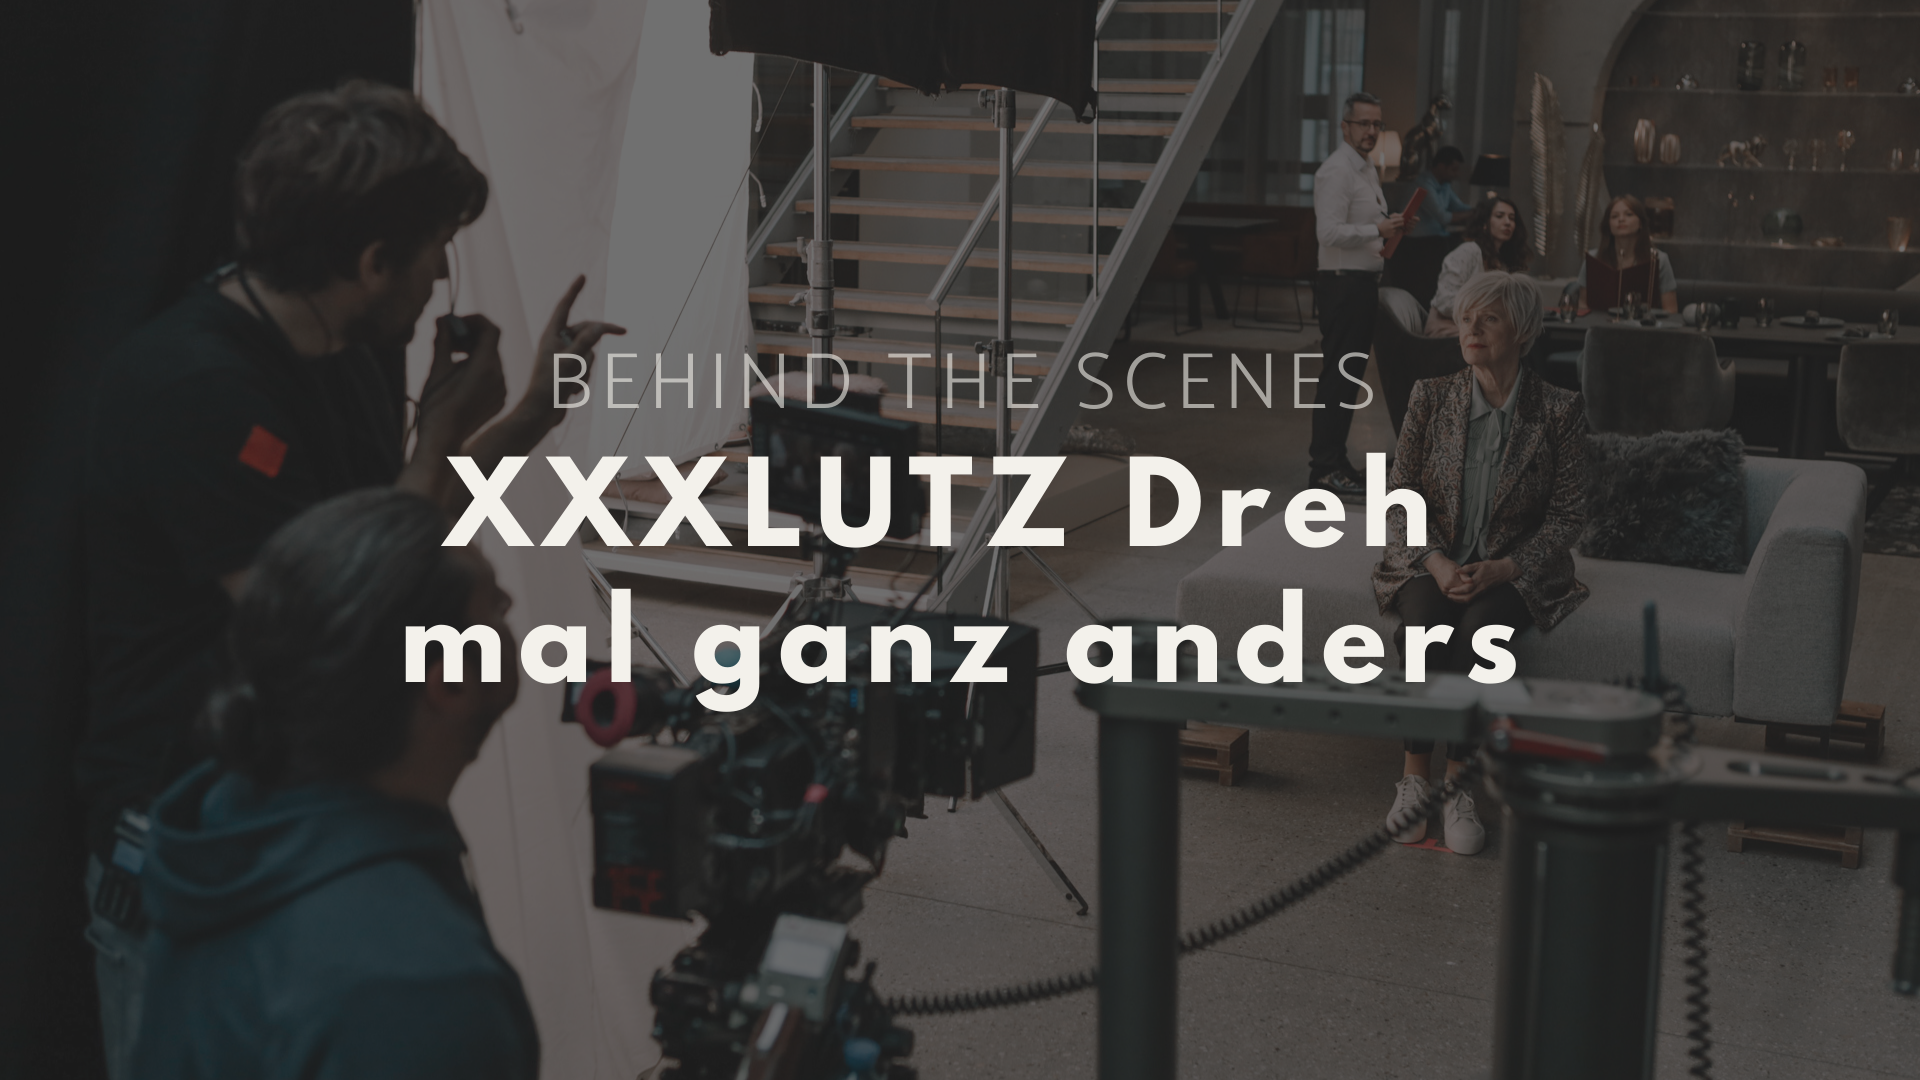 Case Study: So entstanden die neuen TV-Spots von XXXLutz